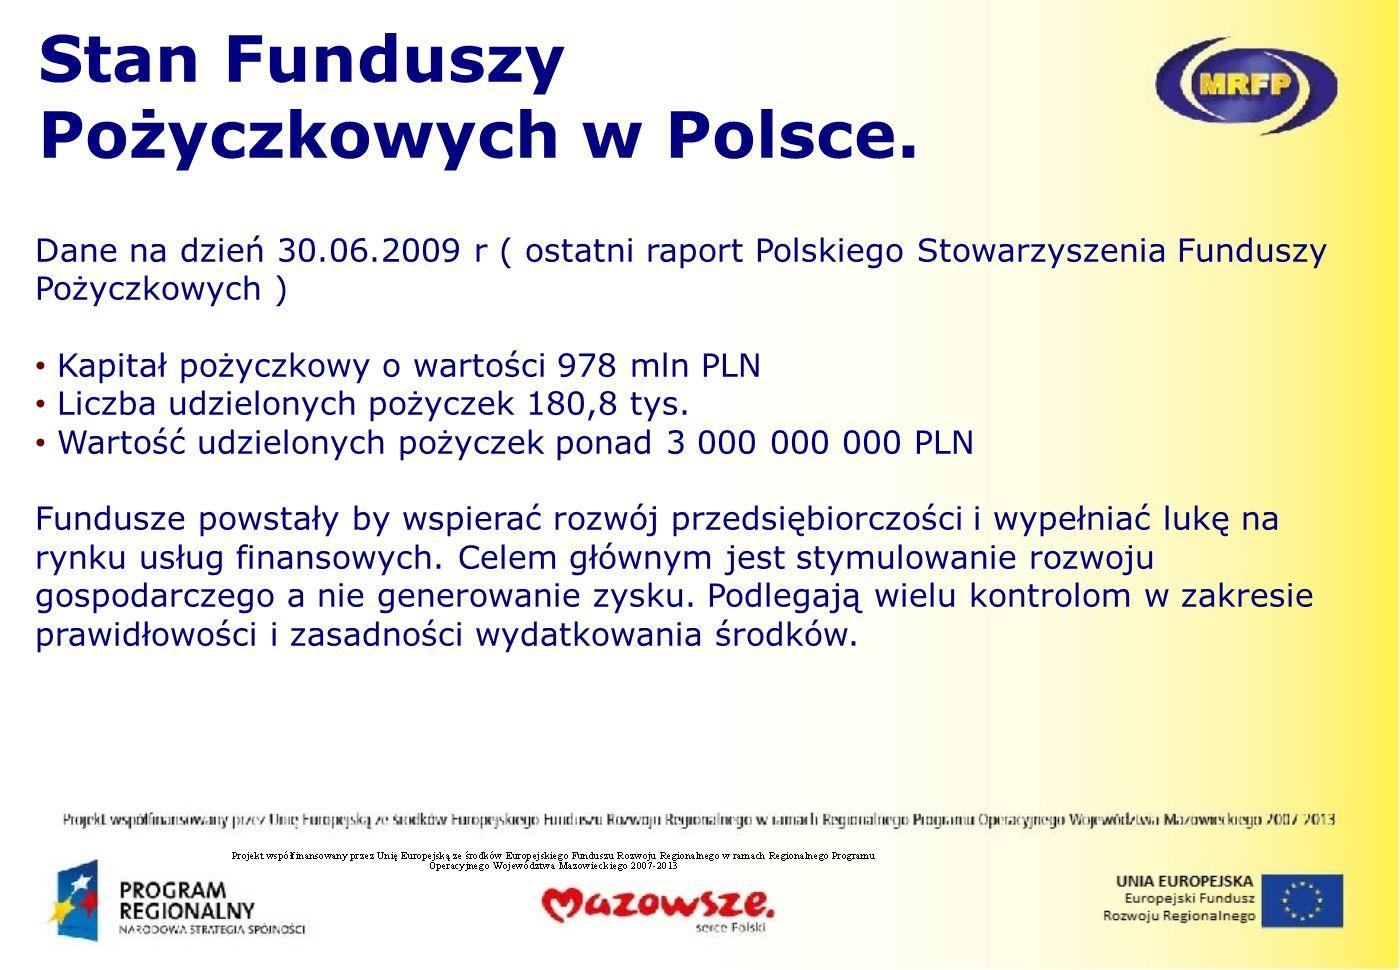 Stan Funduszy Pożyczkowych w Polsce.